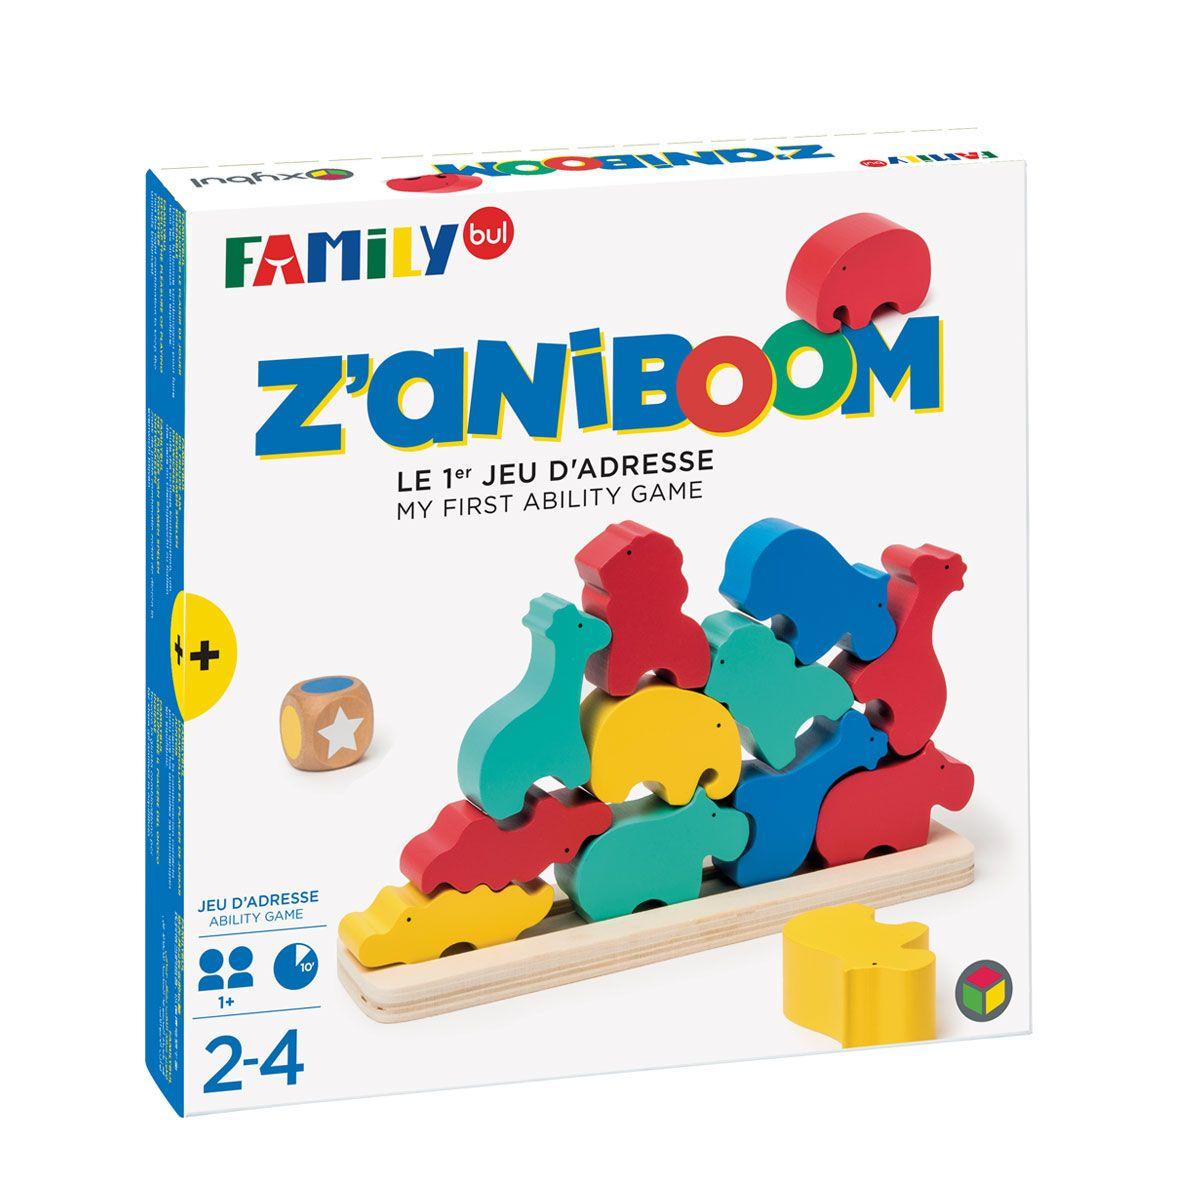 Jeu De Société Z'aniboom Familybul Création Oxybul | Jeux De concernant Jeux Pour Garçon 5 Ans